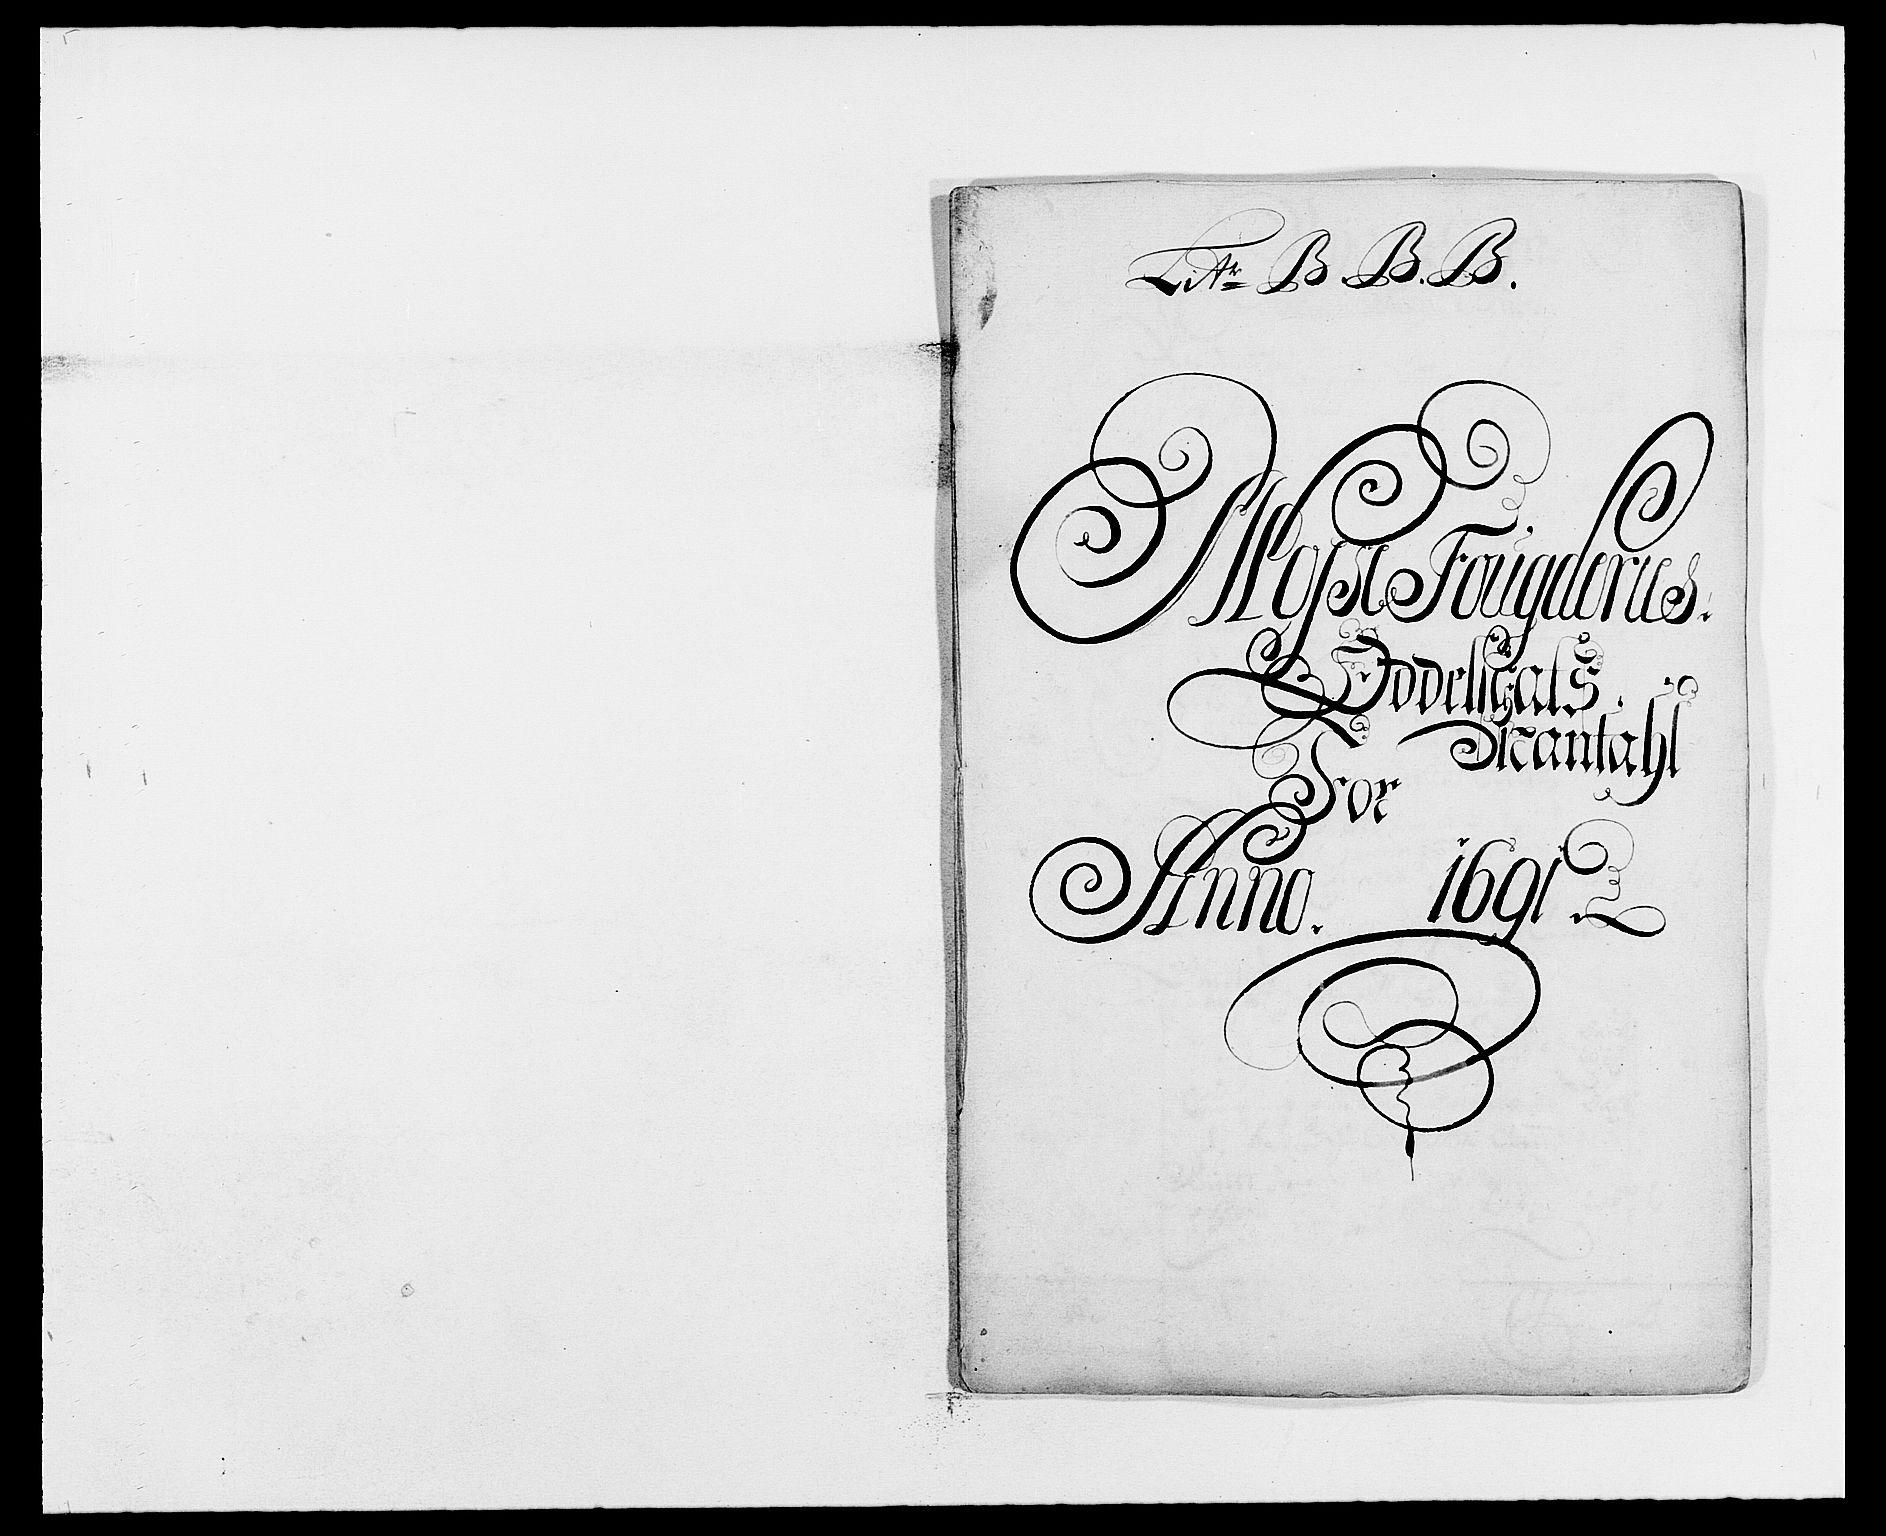 RA, Rentekammeret inntil 1814, Reviderte regnskaper, Fogderegnskap, R02/L0106: Fogderegnskap Moss og Verne kloster, 1688-1691, s. 525